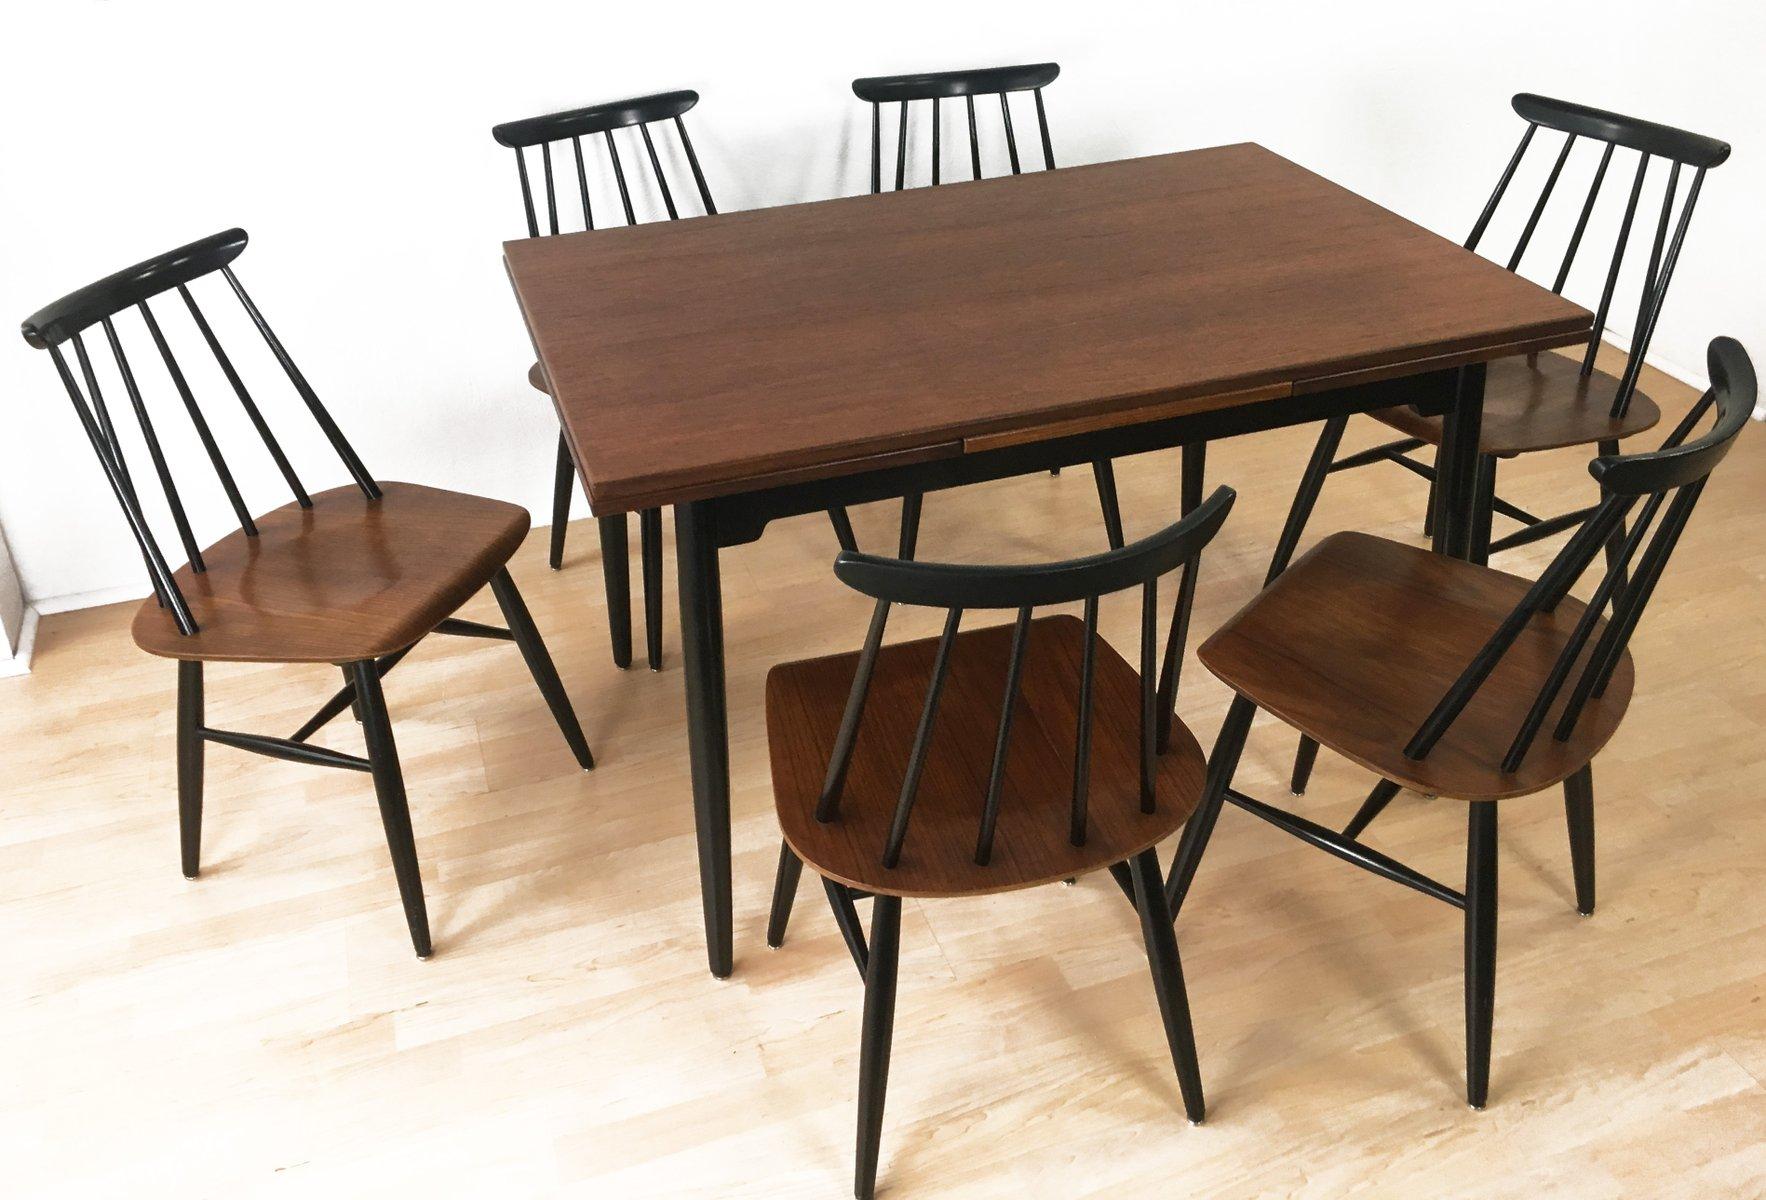 esstisch 6 st hle von ilmari tapiovaara f r asko 1960er bei pamono kaufen. Black Bedroom Furniture Sets. Home Design Ideas